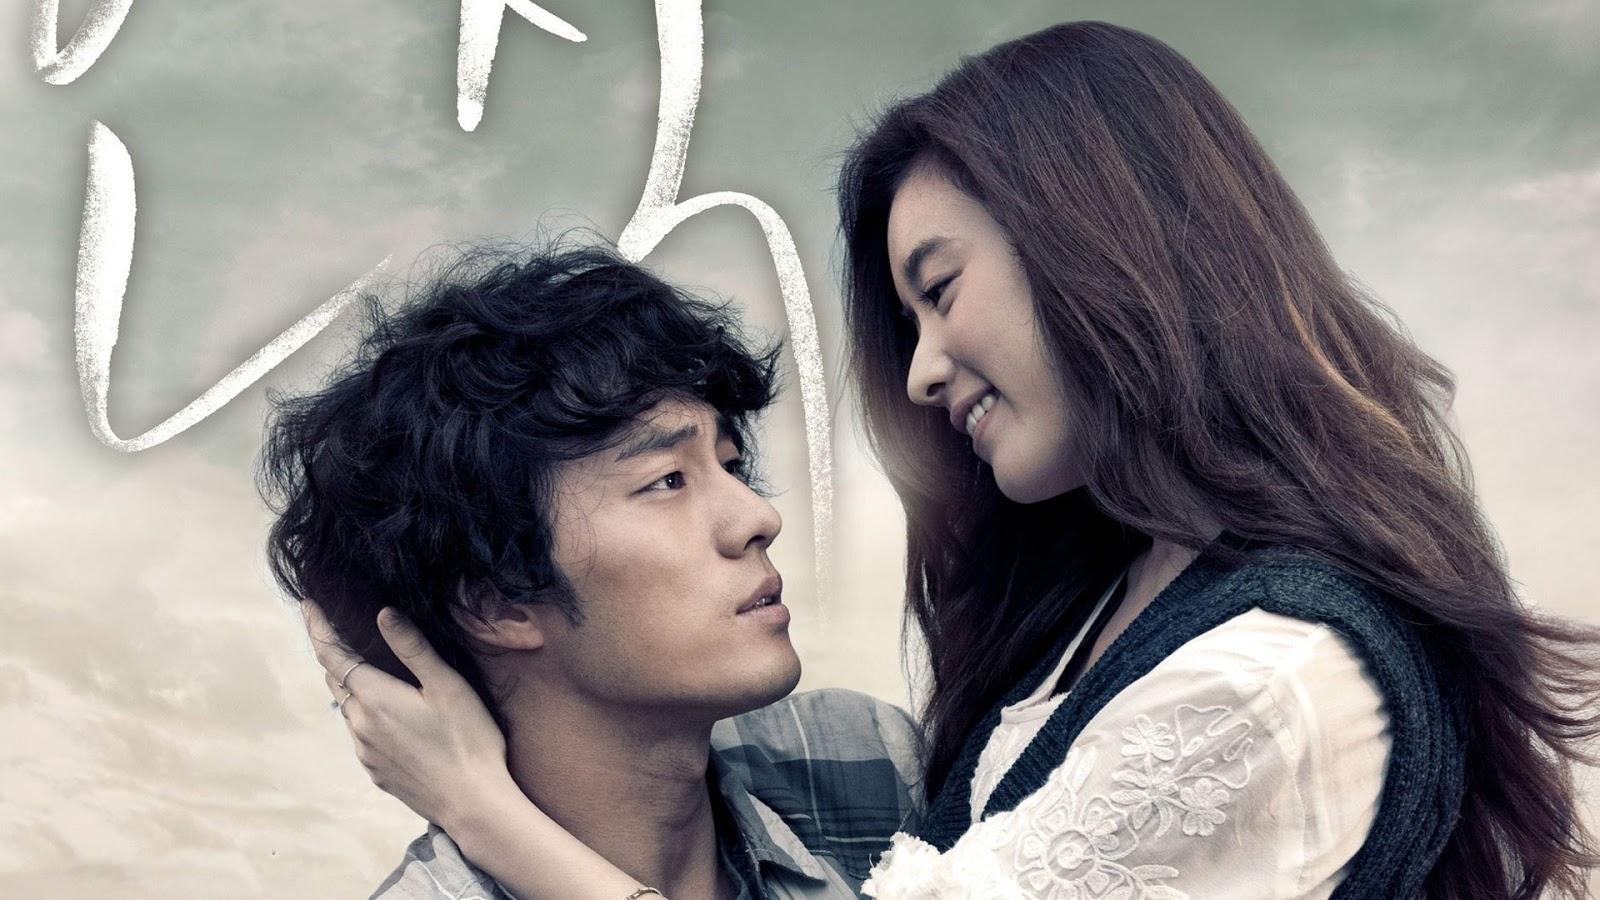 Kumpulan Film Korea Romantis Dan Lucu Chemistrys Life